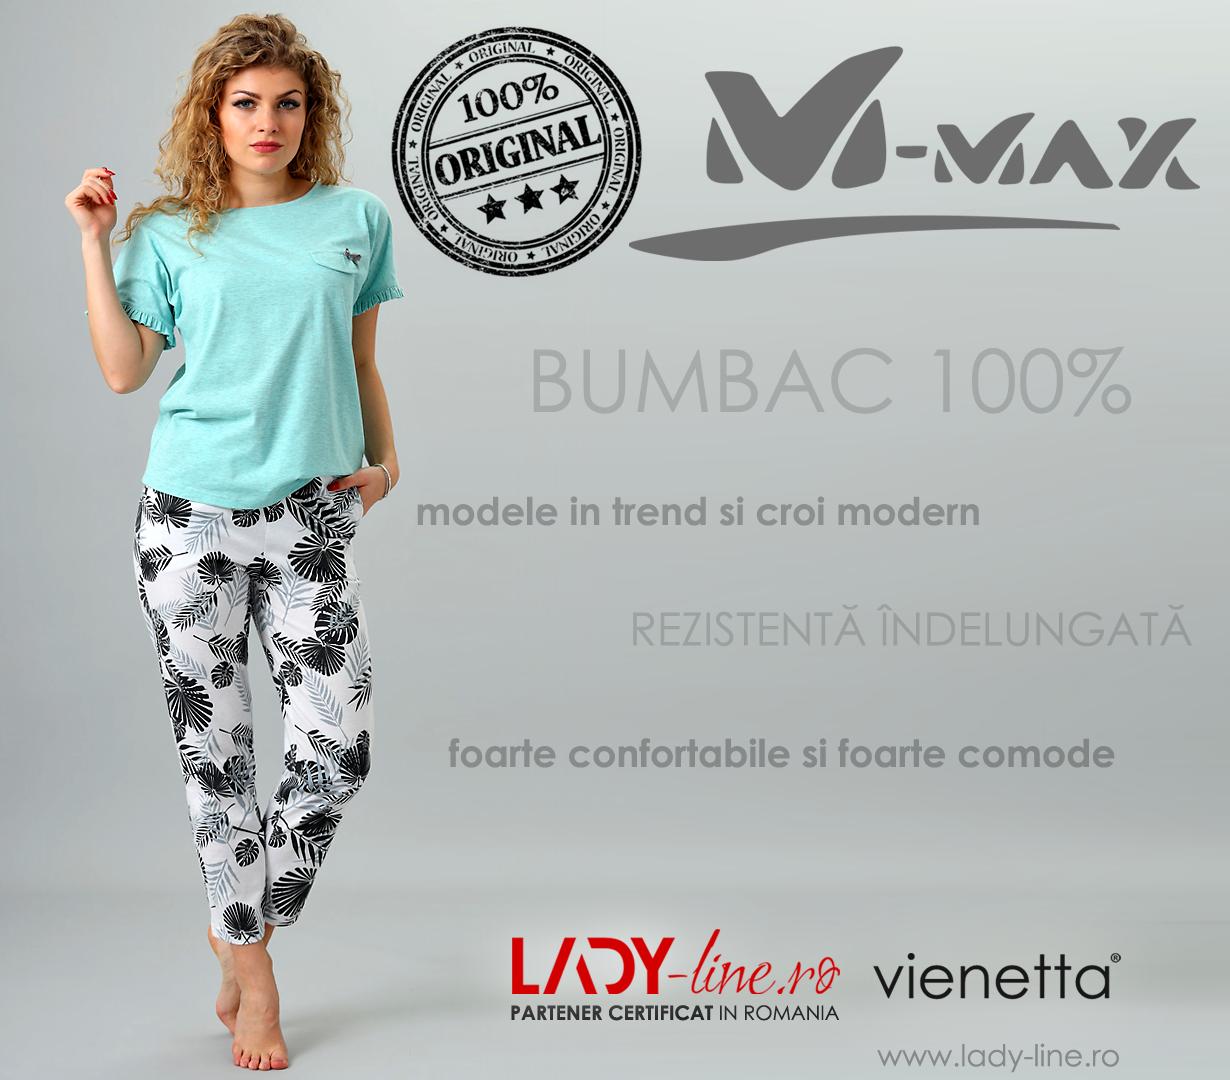 Pijama Dama M-Max, Bumbac 100%, 'Eco Land'